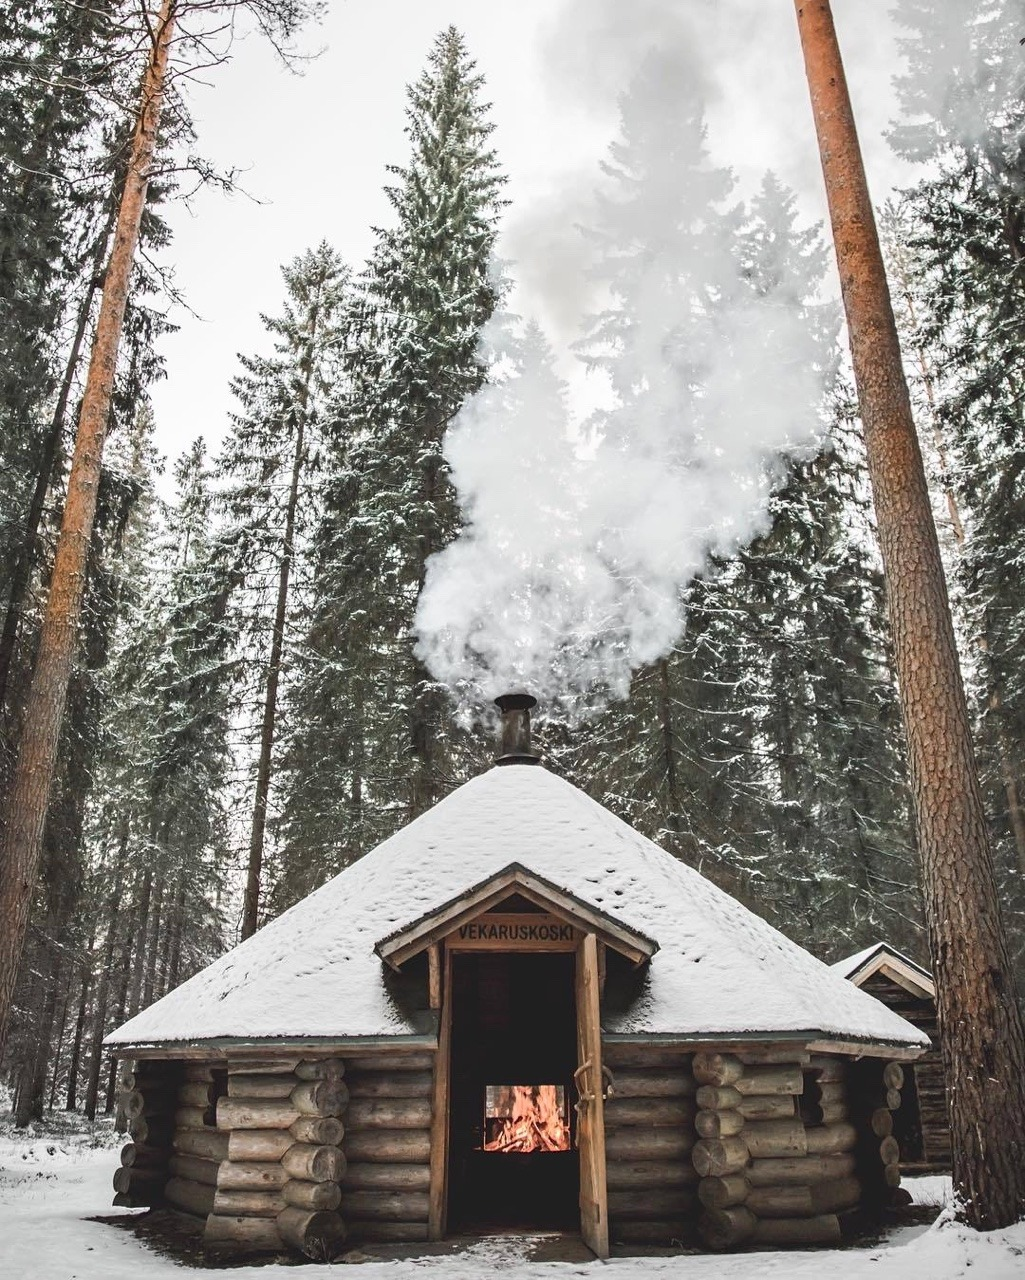 cabin hut in the snow